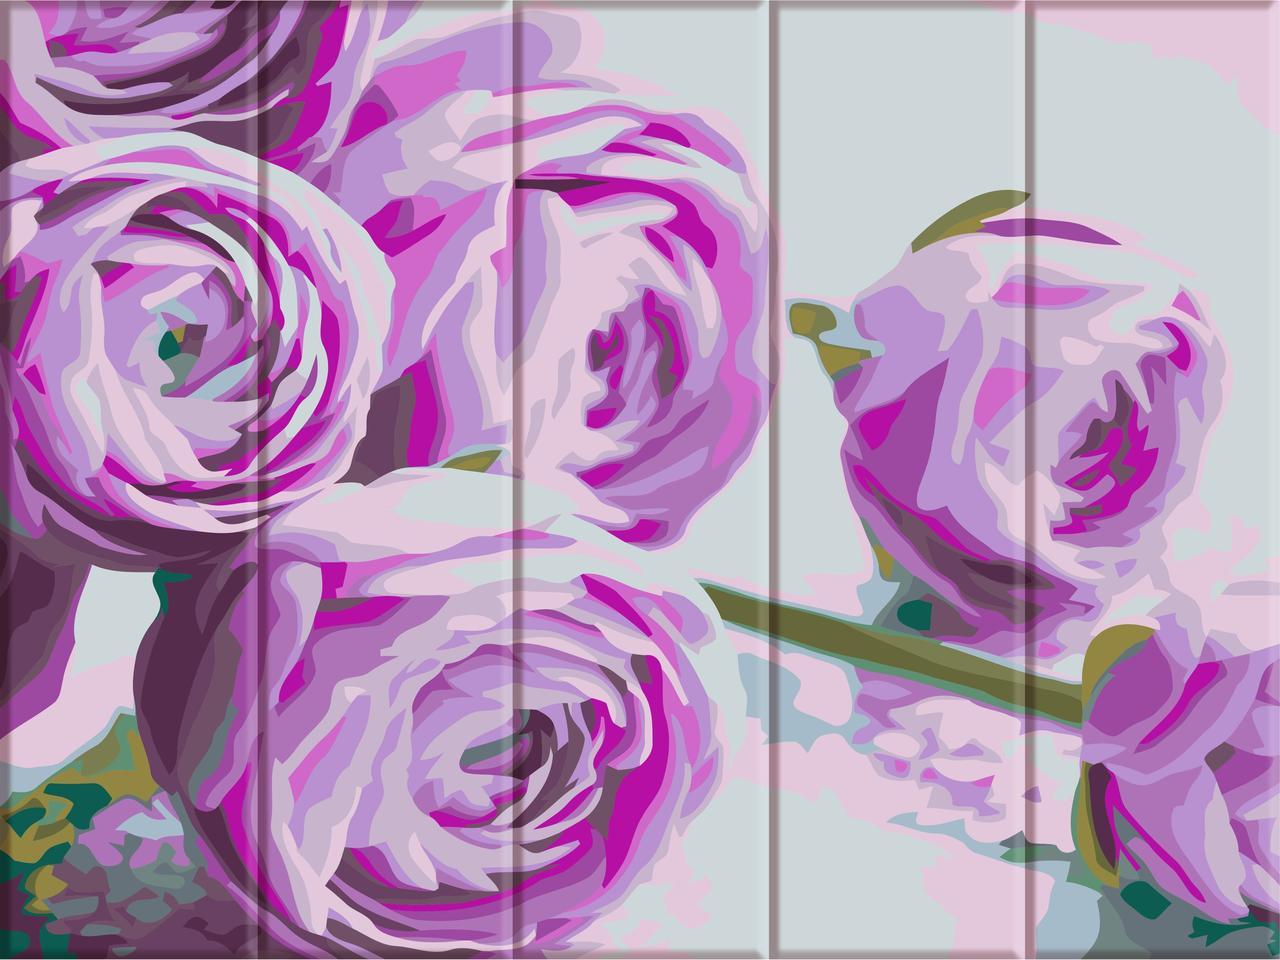 ASW044 Раскраска по номерам на деревянной основе Сиреневые цветы, В картонной коробке